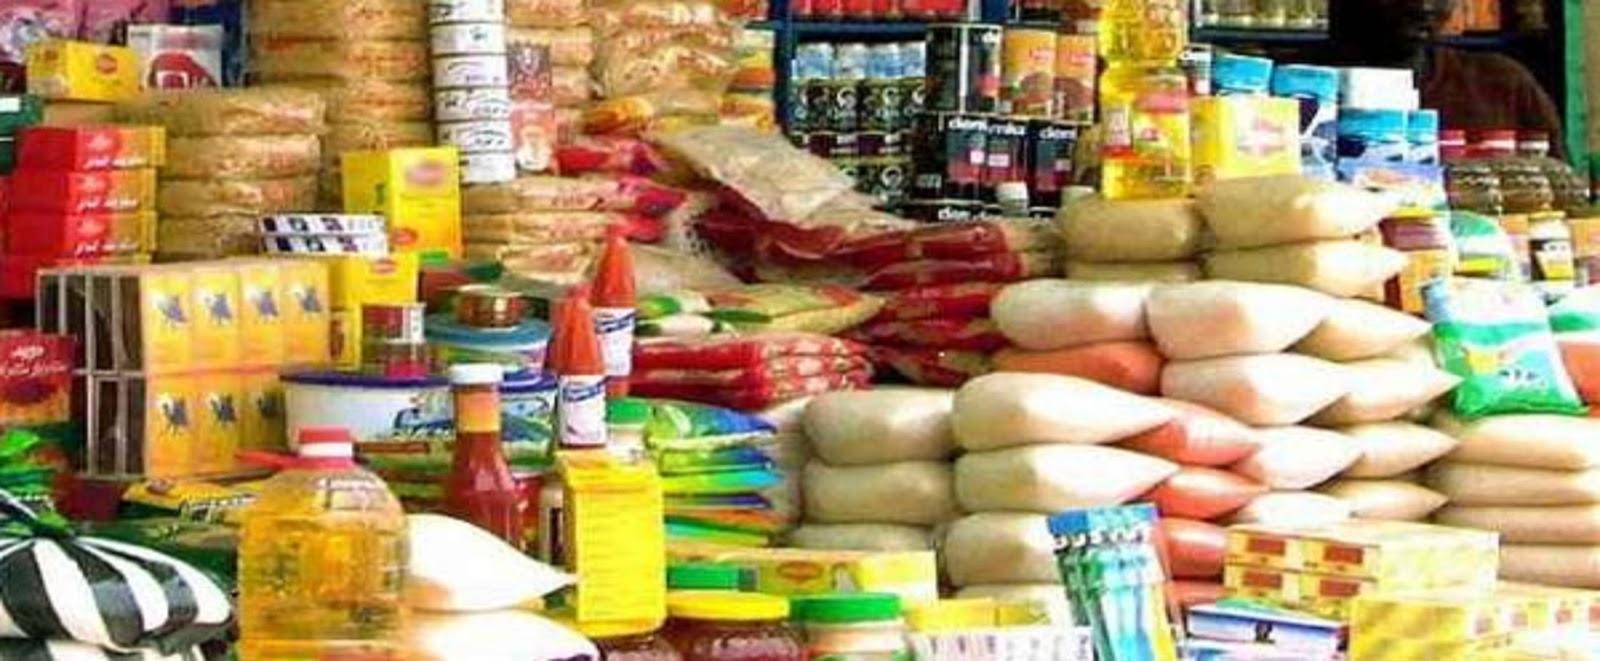 أسعار السلع التموينيه والغذائية في مصر 2018